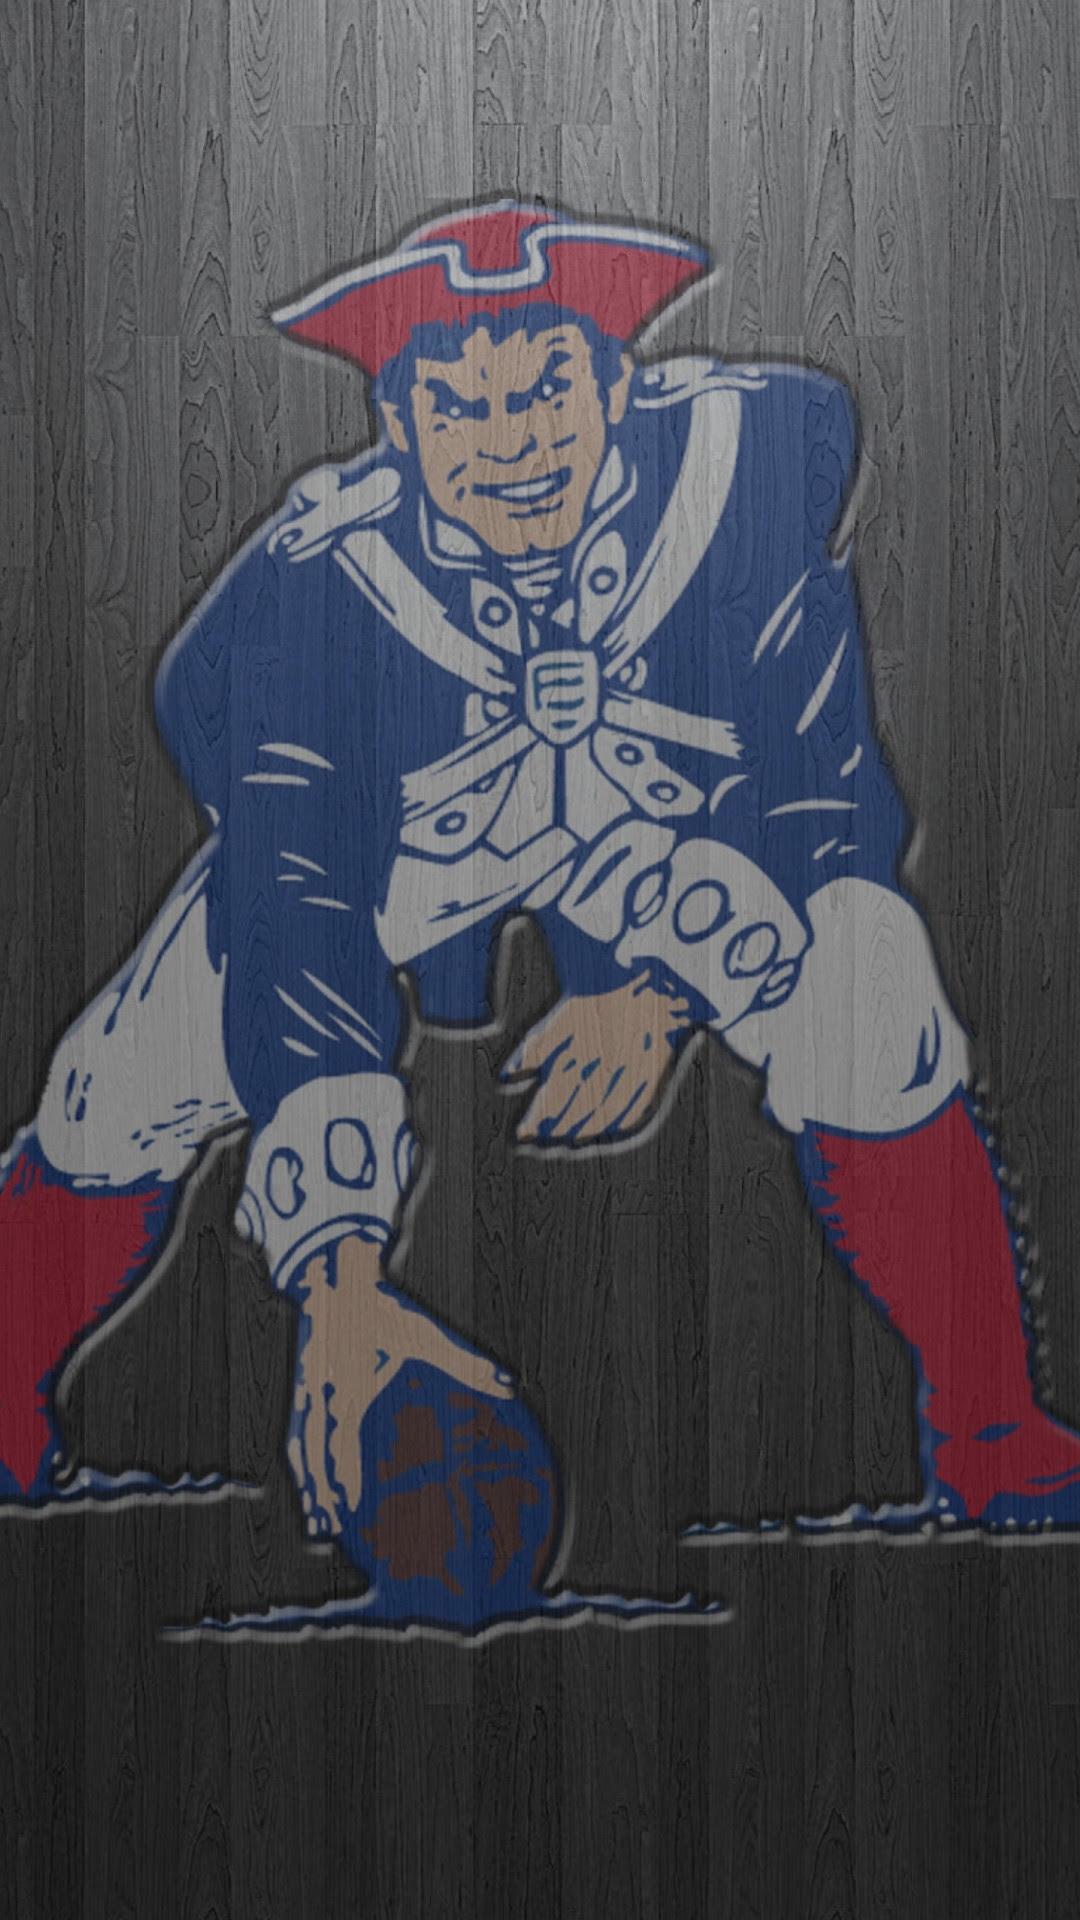 New England Patriots Wallpaper HD (74+ images)